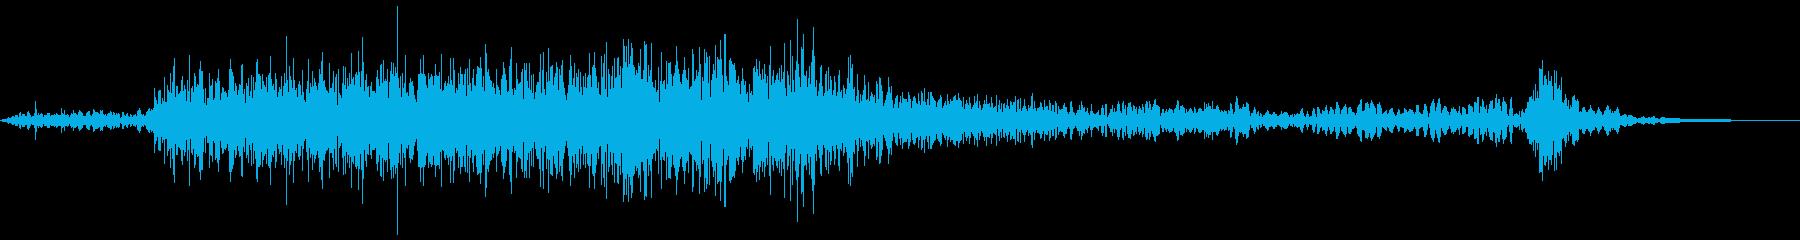 【ゲーム】 火 属性 05の再生済みの波形